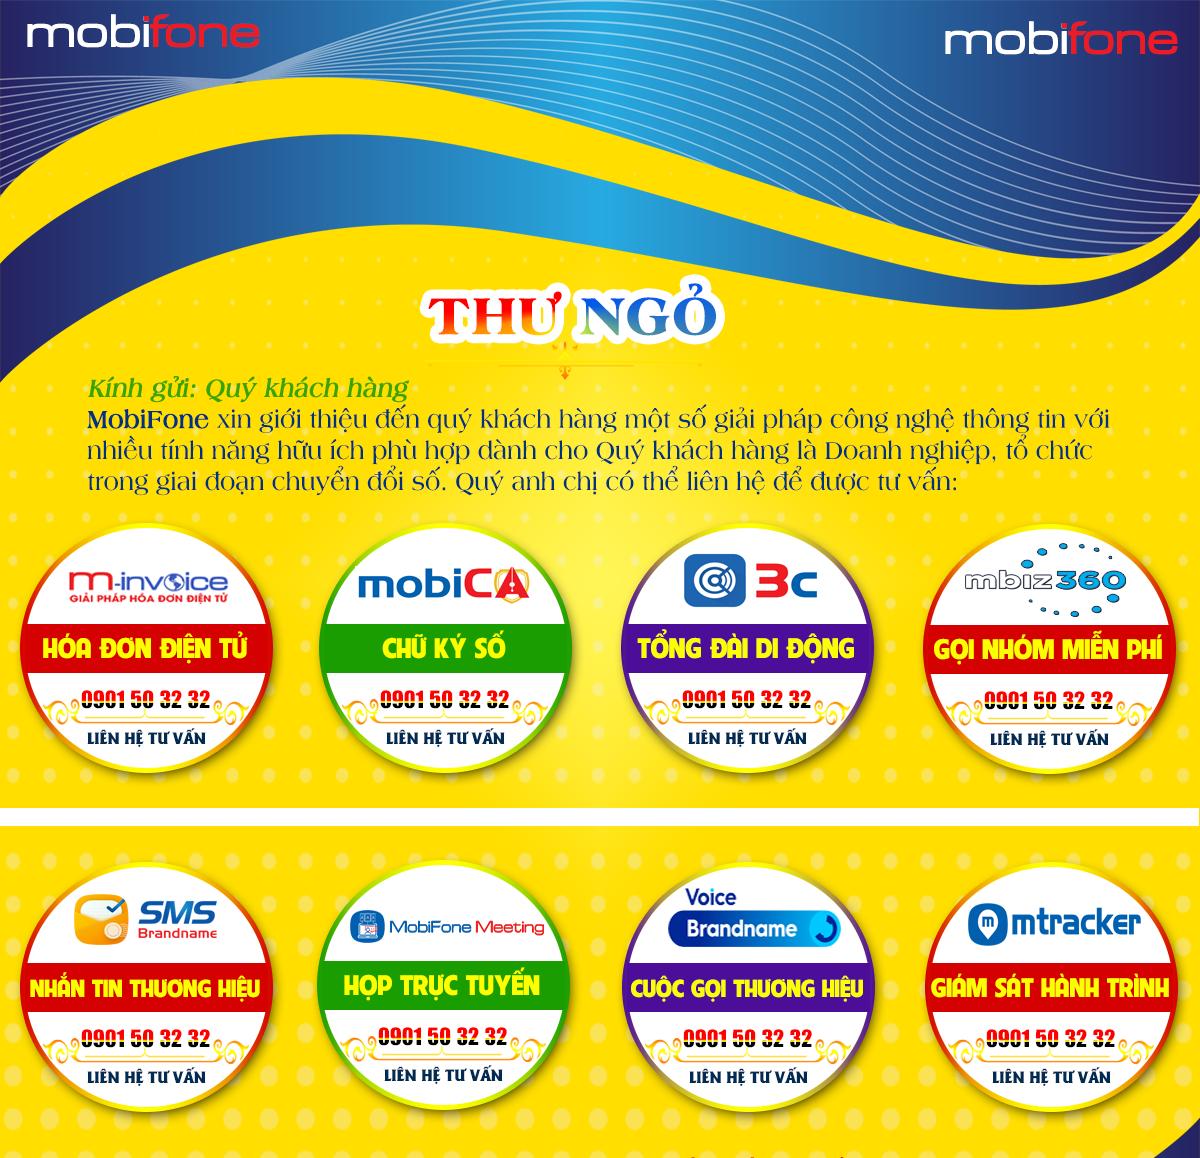 MobiFone cung cấp nhiều giải pháp hữu ích dành cho cơ quan, tổ chức, Doanh nghiệp